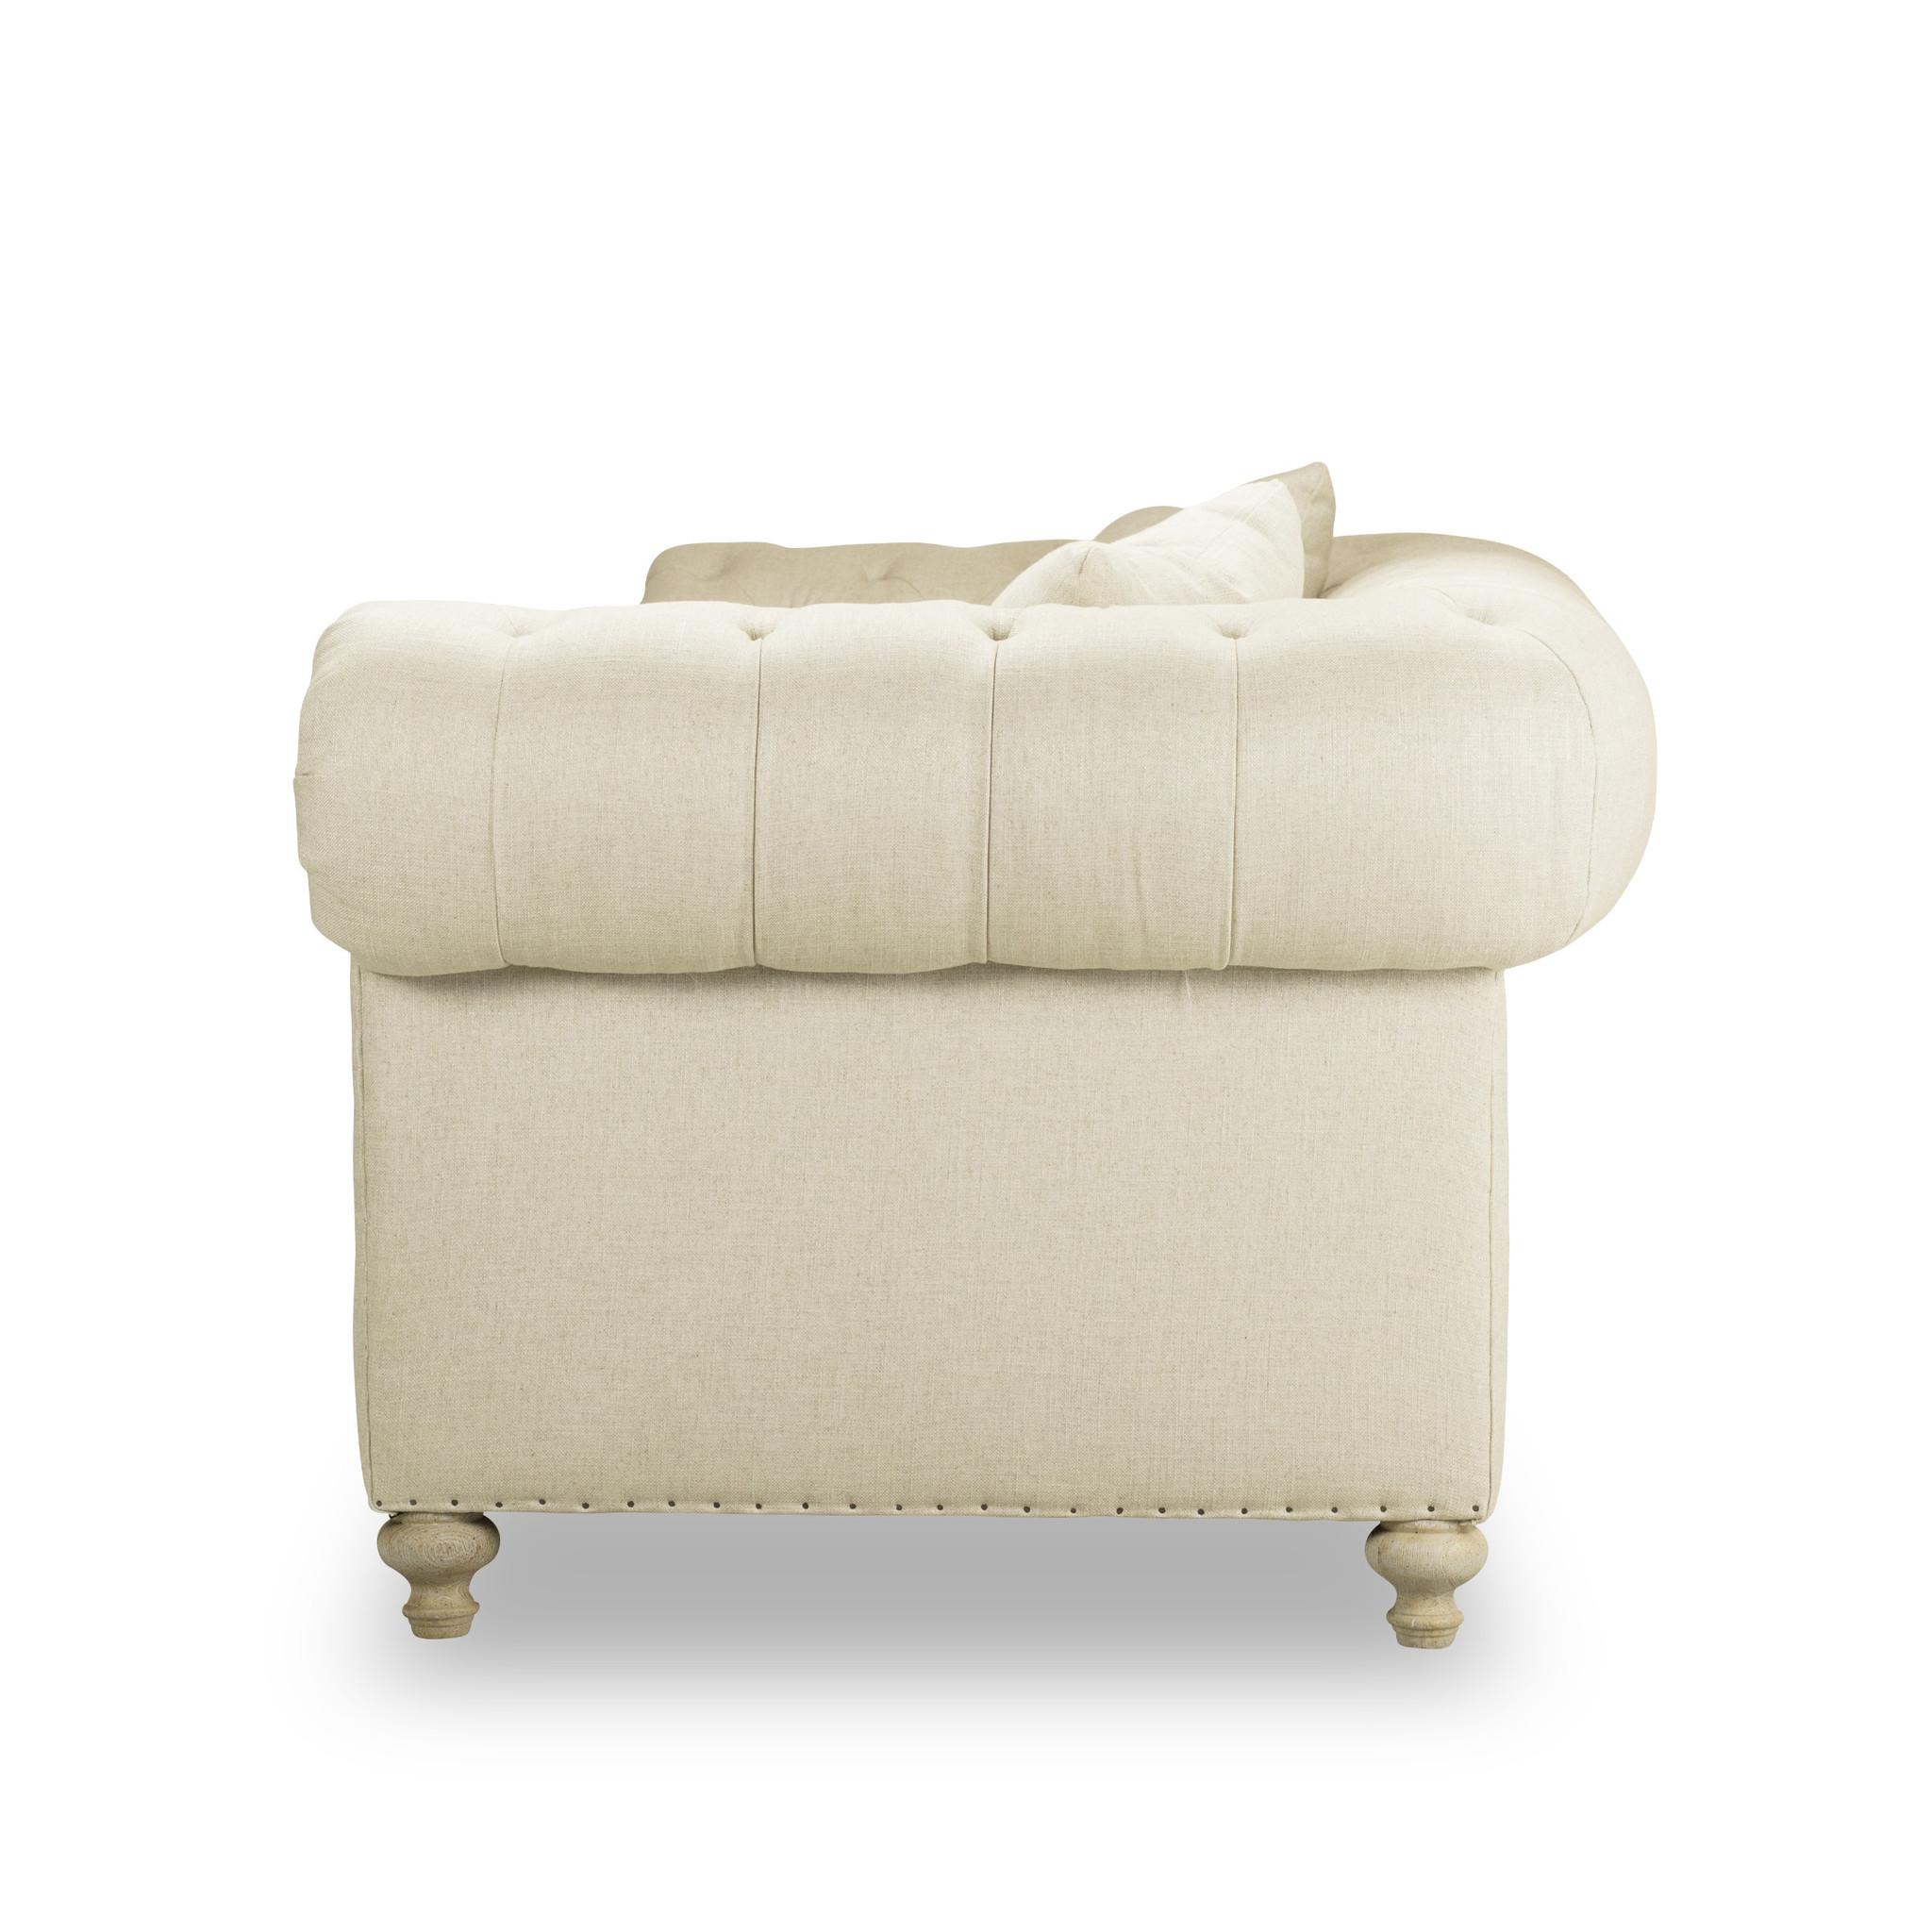 Greenwich Natural Ecru 96u2033Tufted Sofa